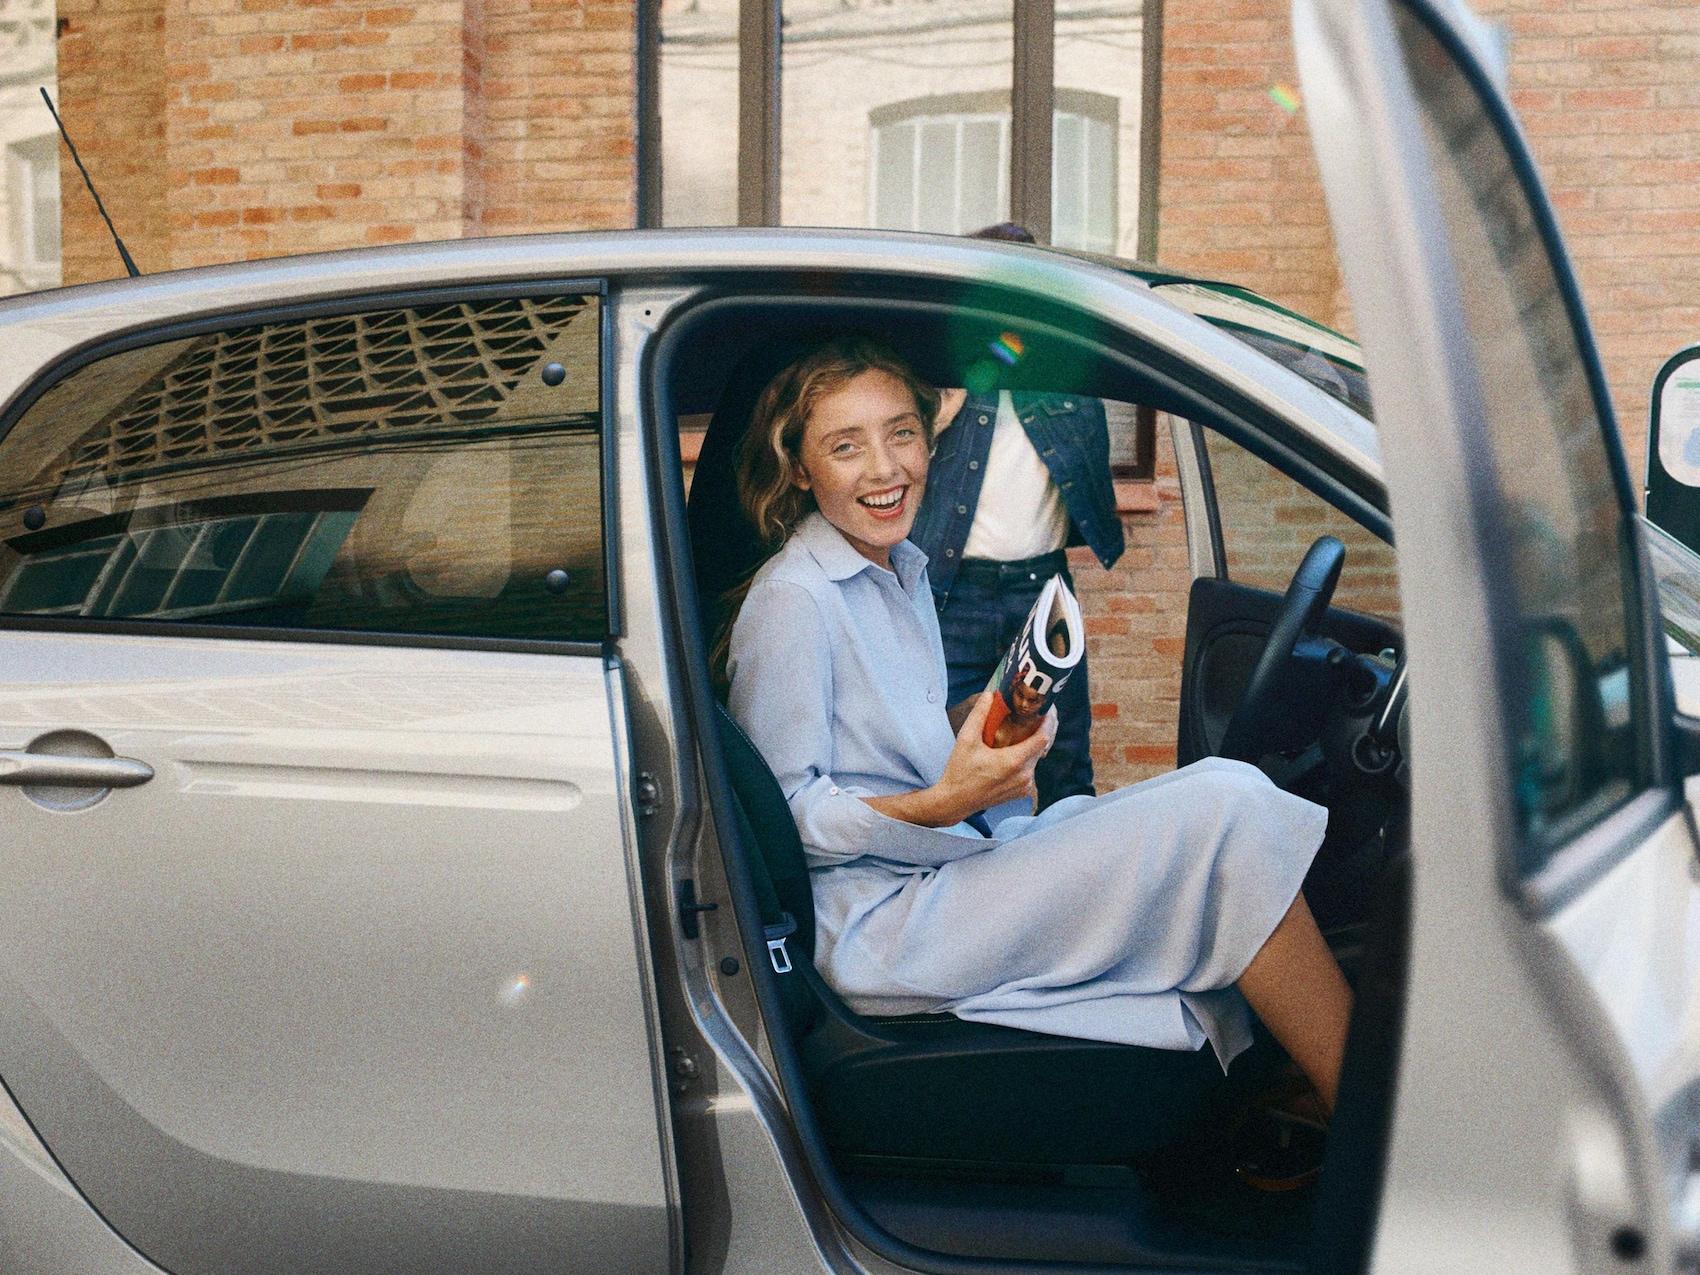 smart EQ forfour avec femme en robe bleue.